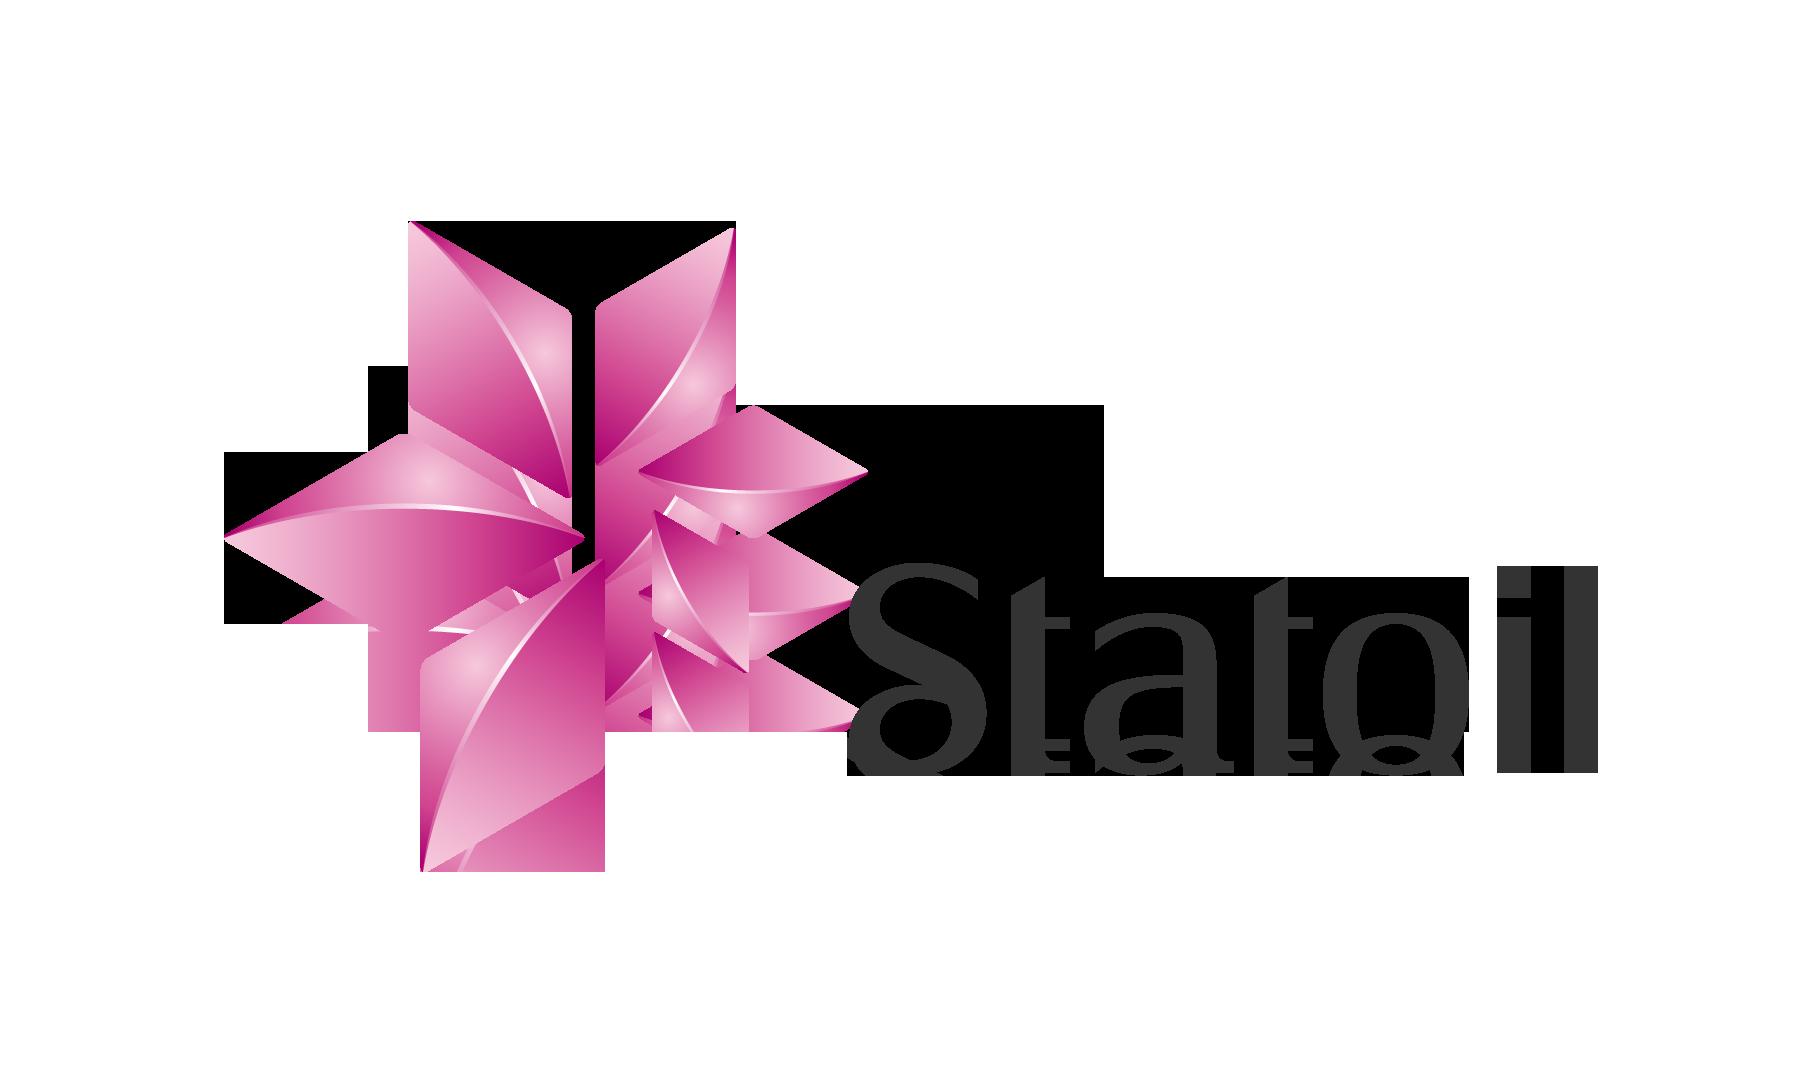 Statoil обнаружила новые залежи легкой нефти в Норвежском море